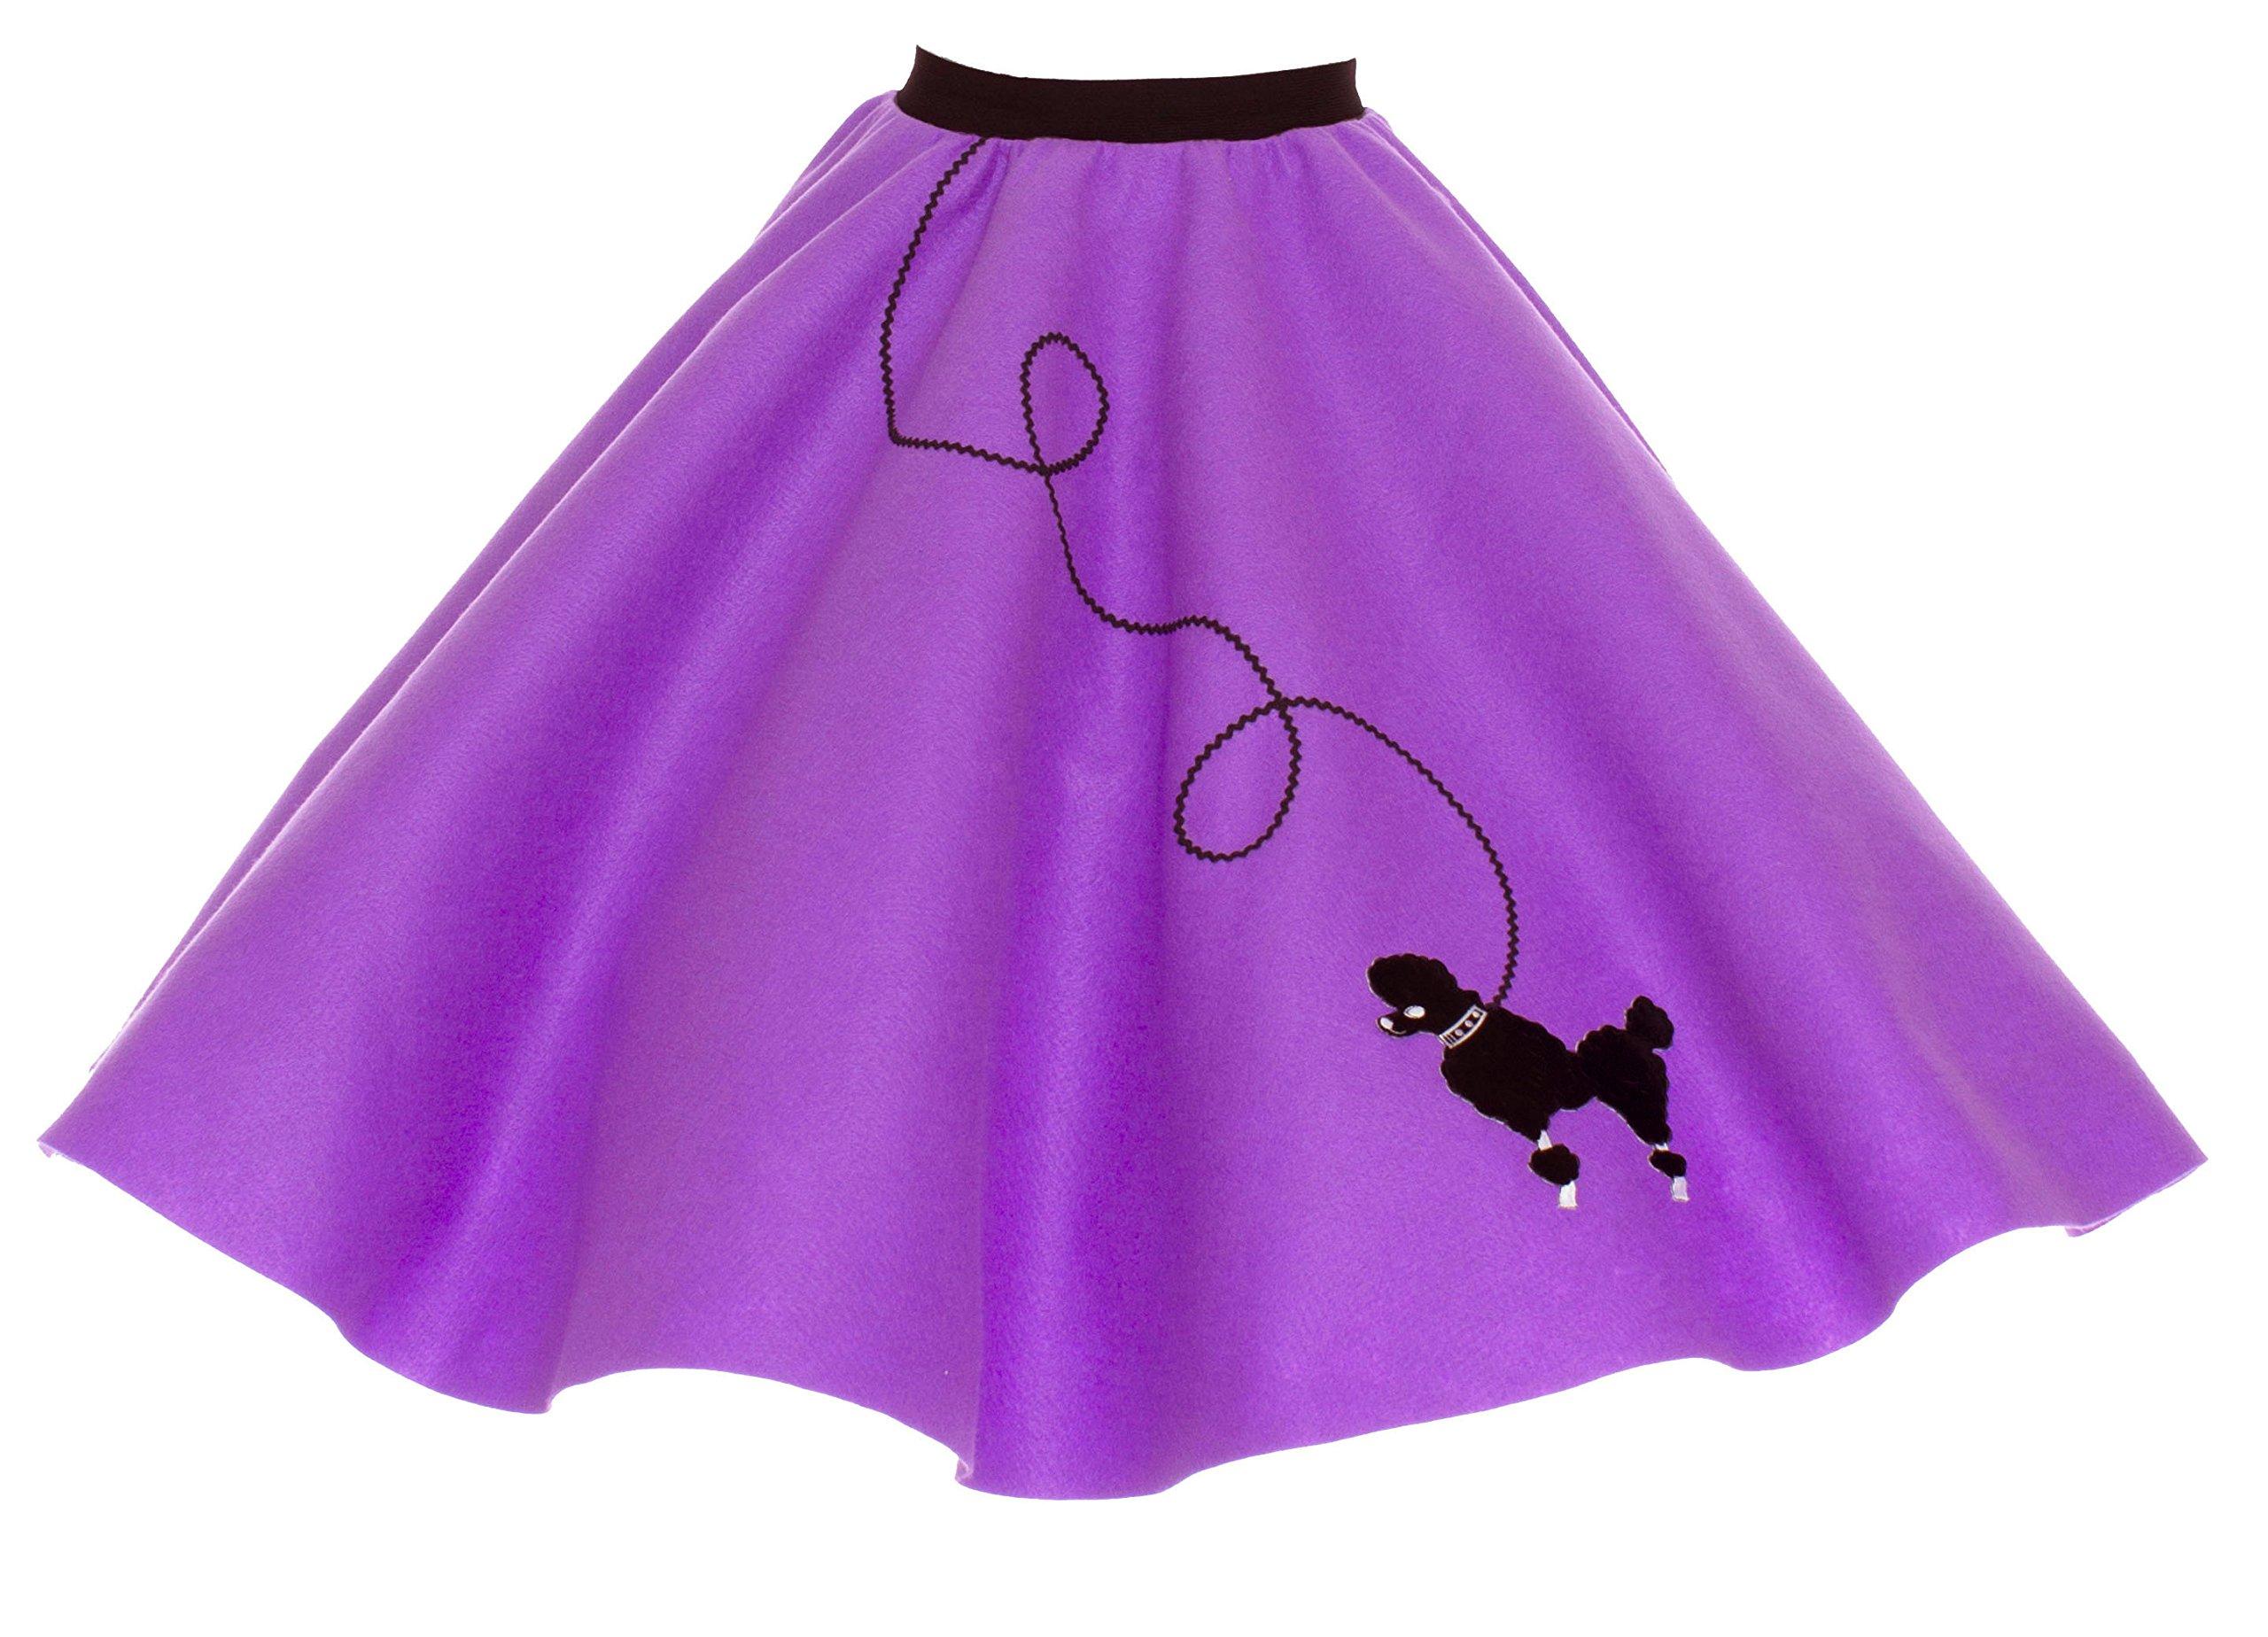 Hip Hop 50s Shop Adult Poodle Skirt Purple 3X/4X